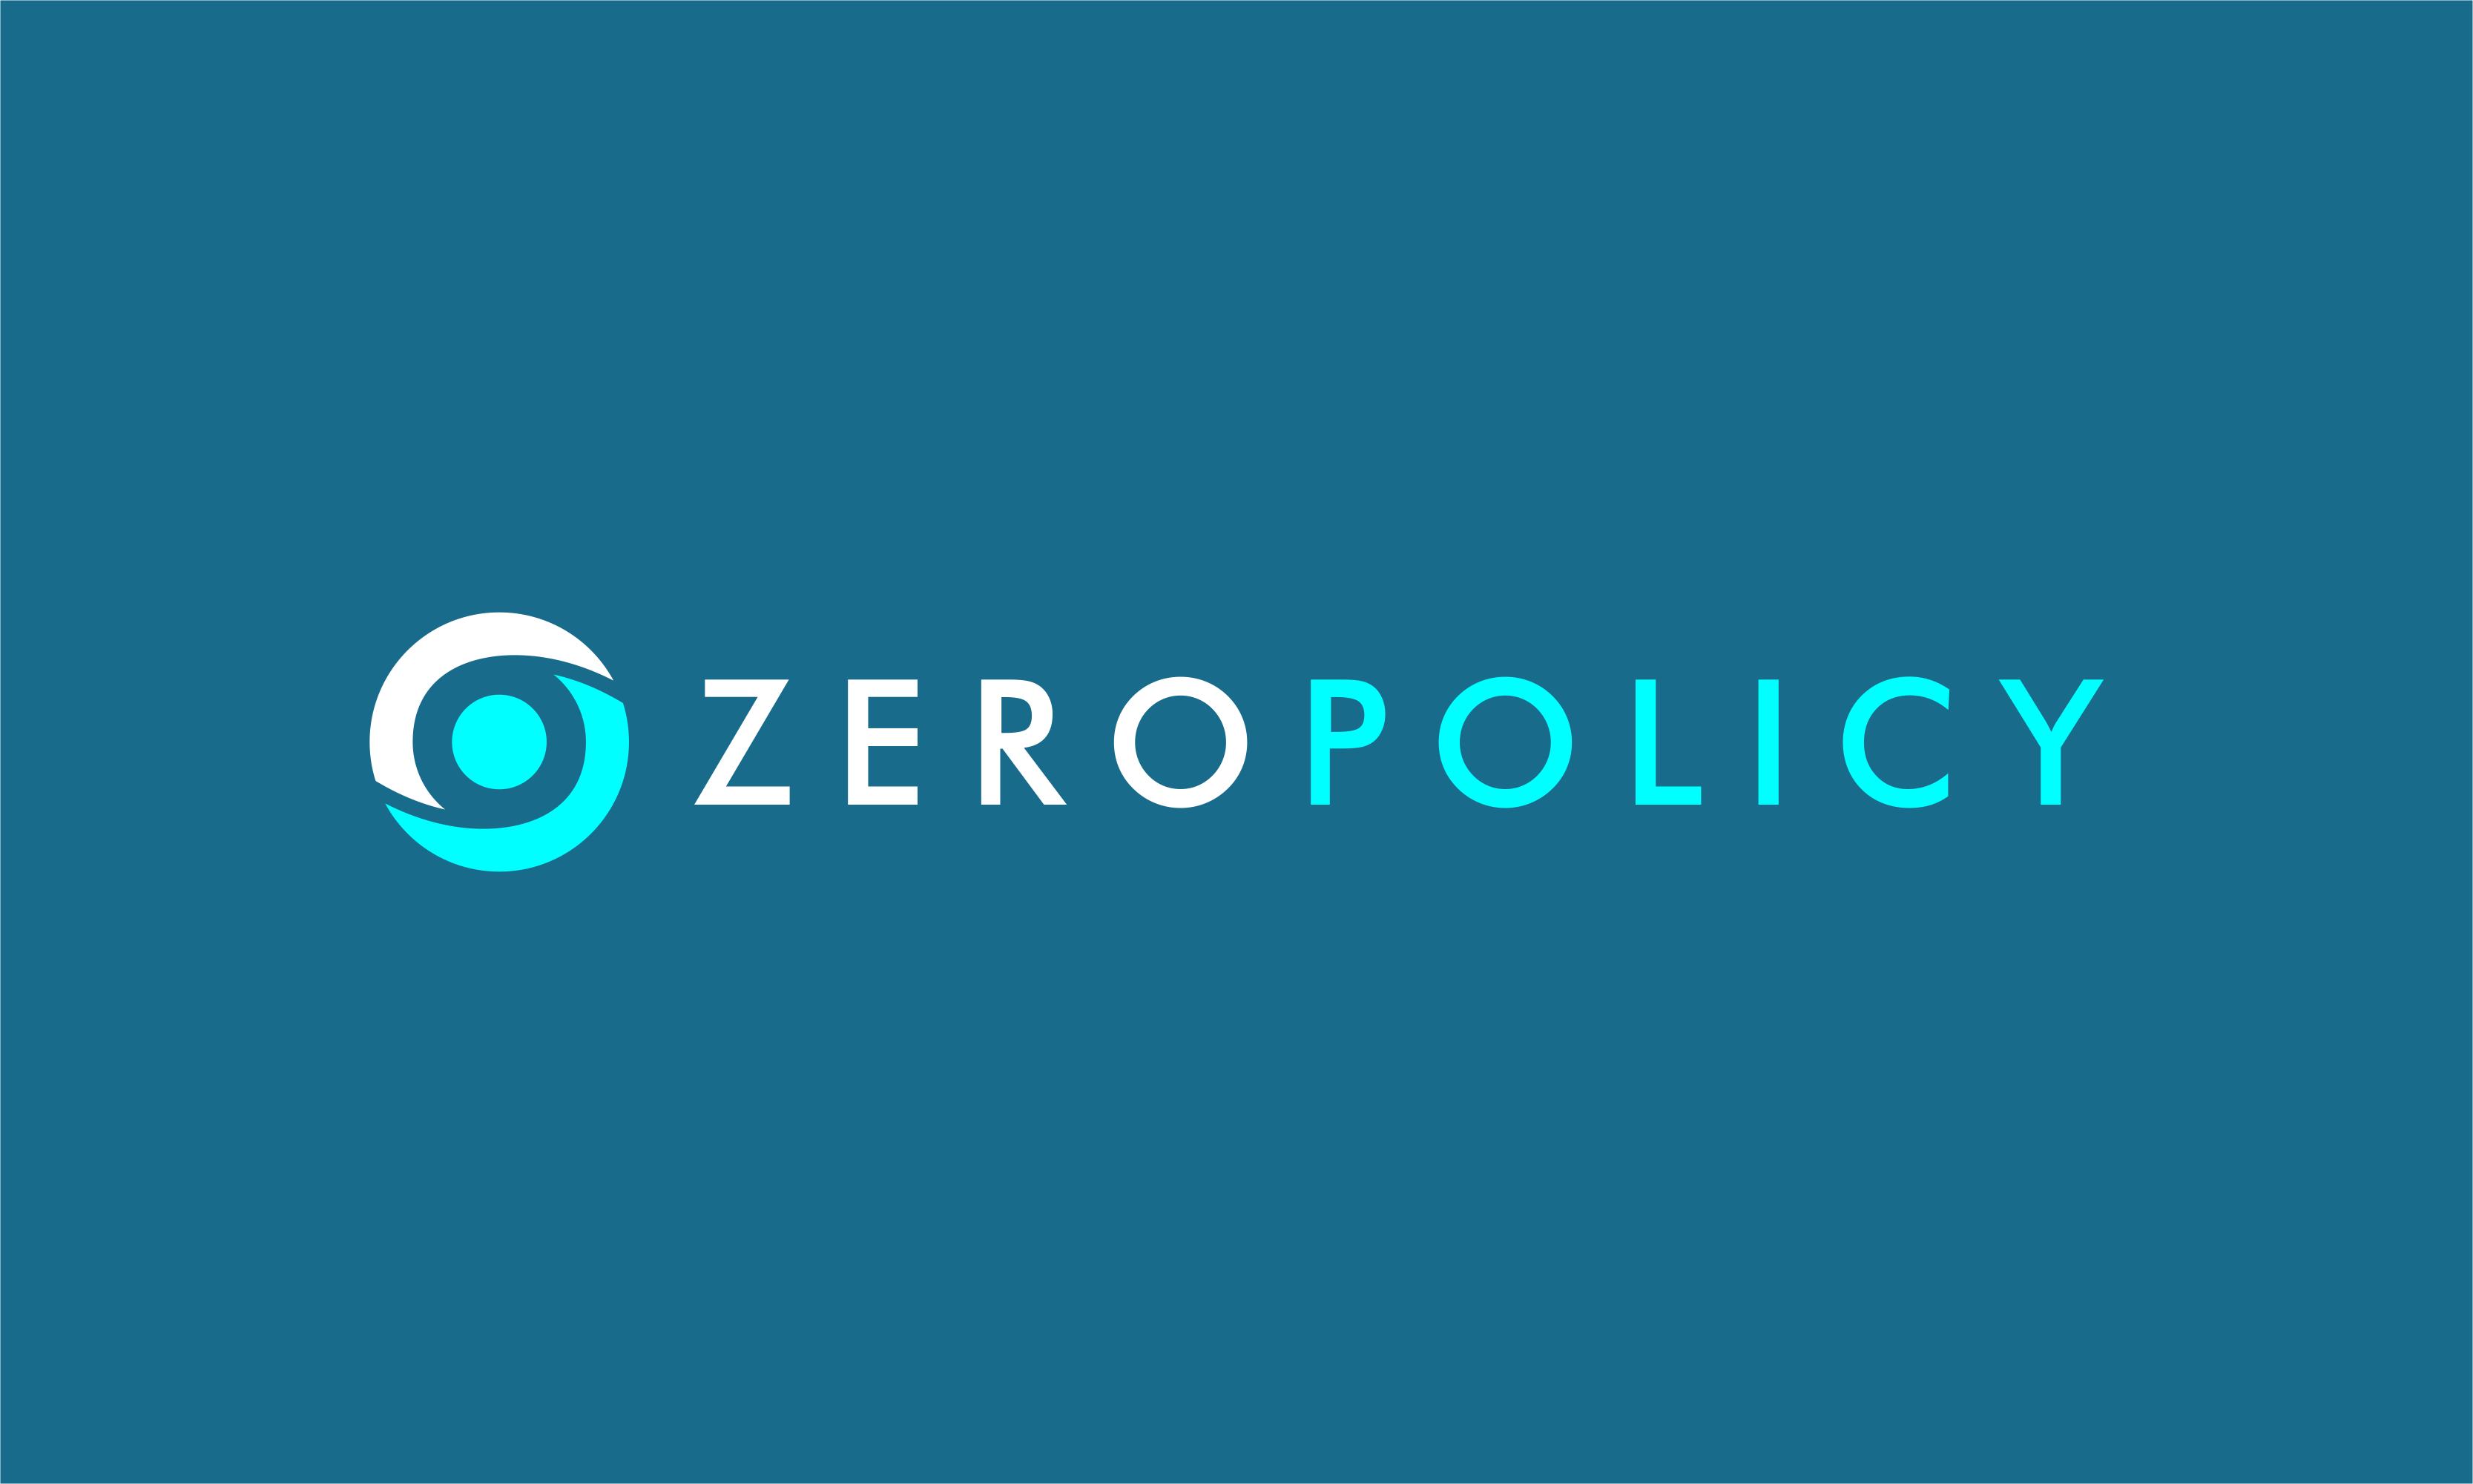 Zeropolicy